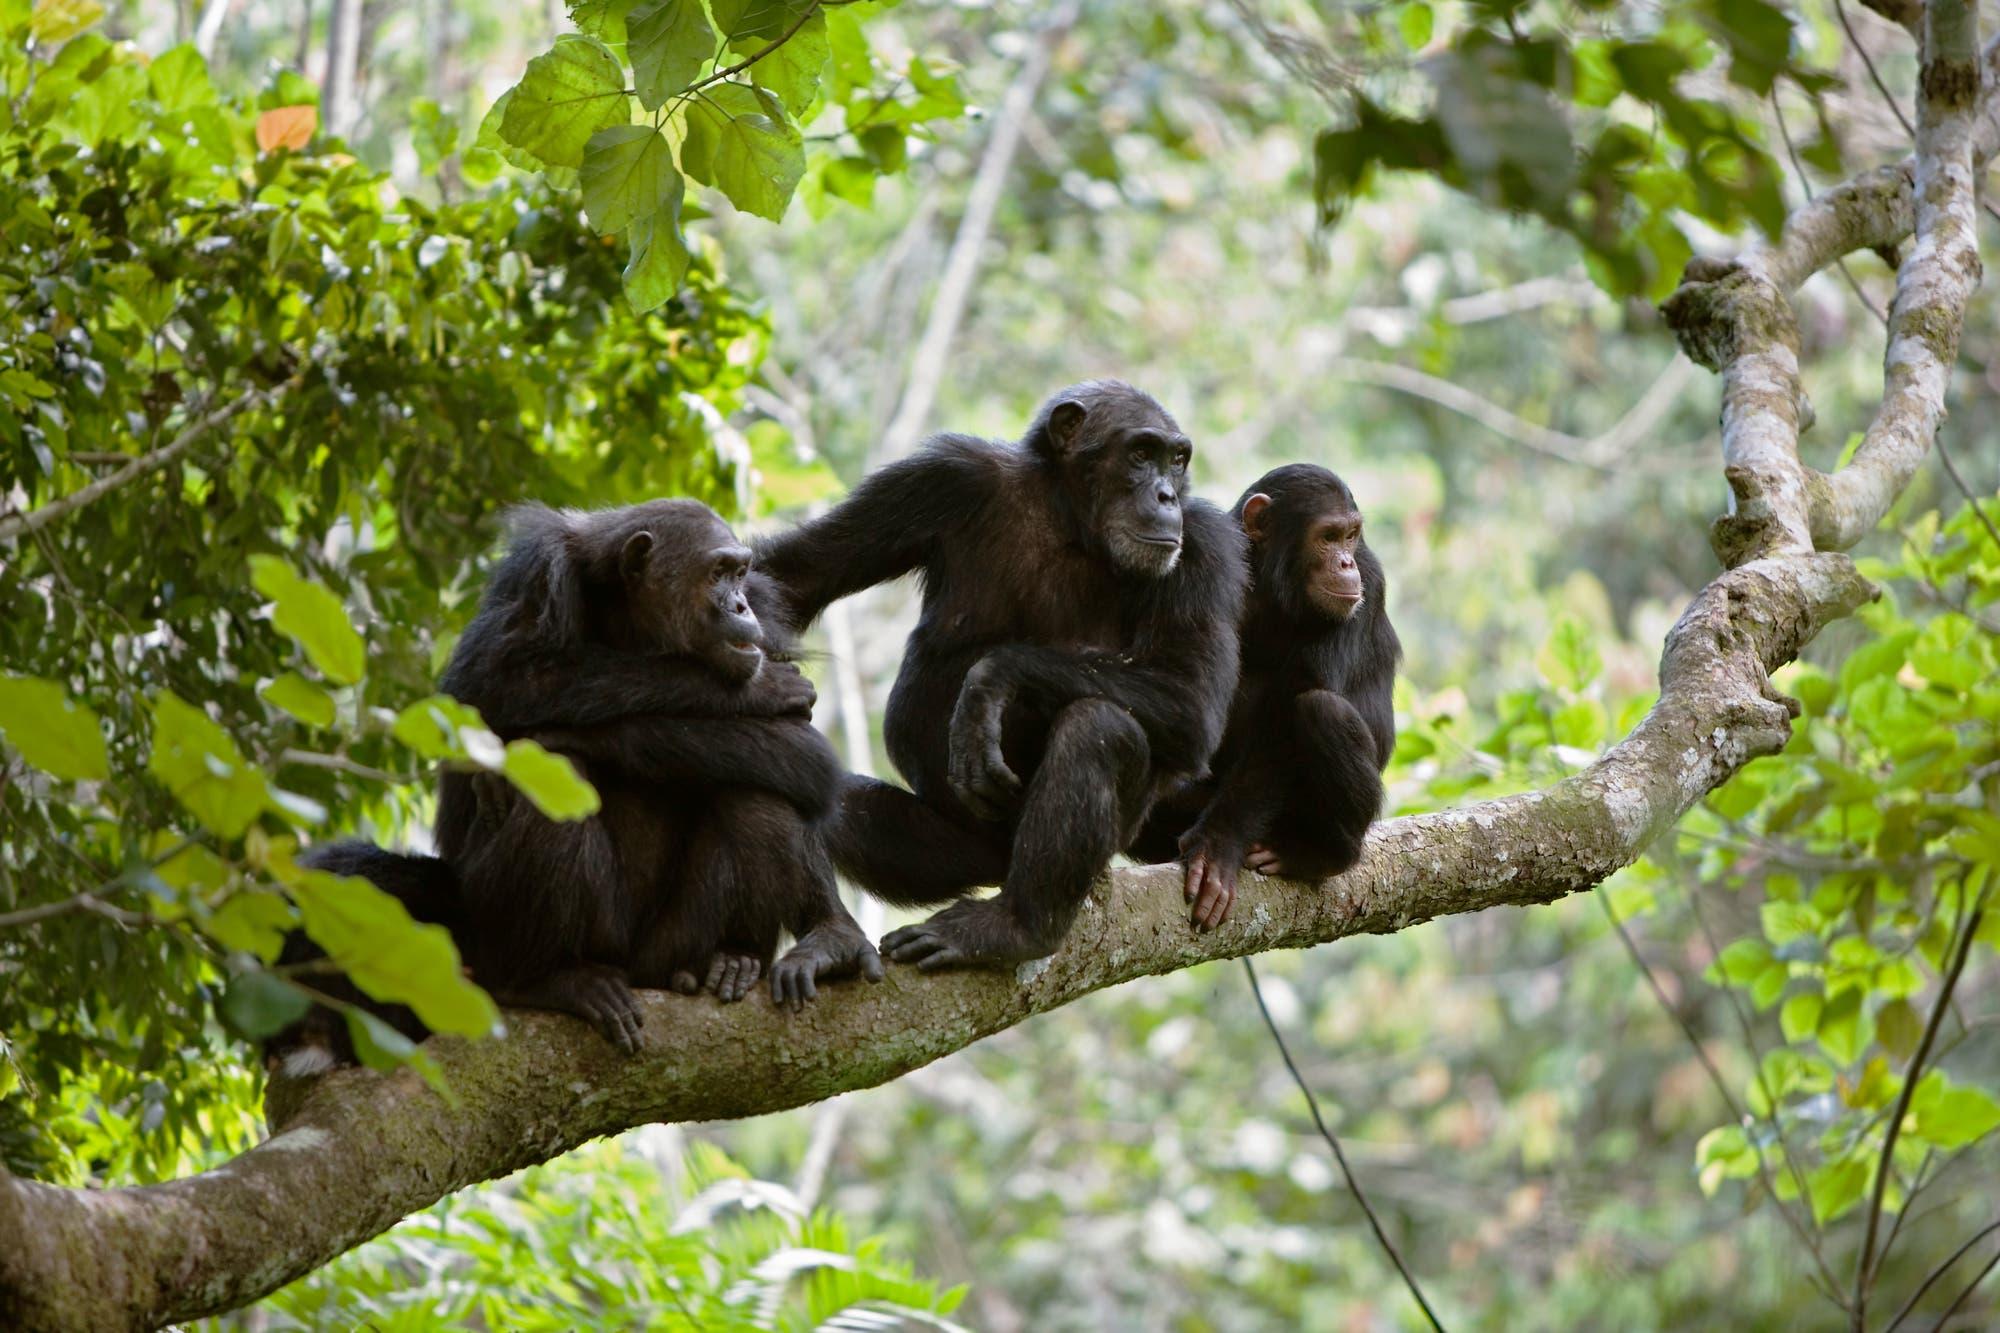 Eine Schimpansenfamilie sitzt auf einen Ast.